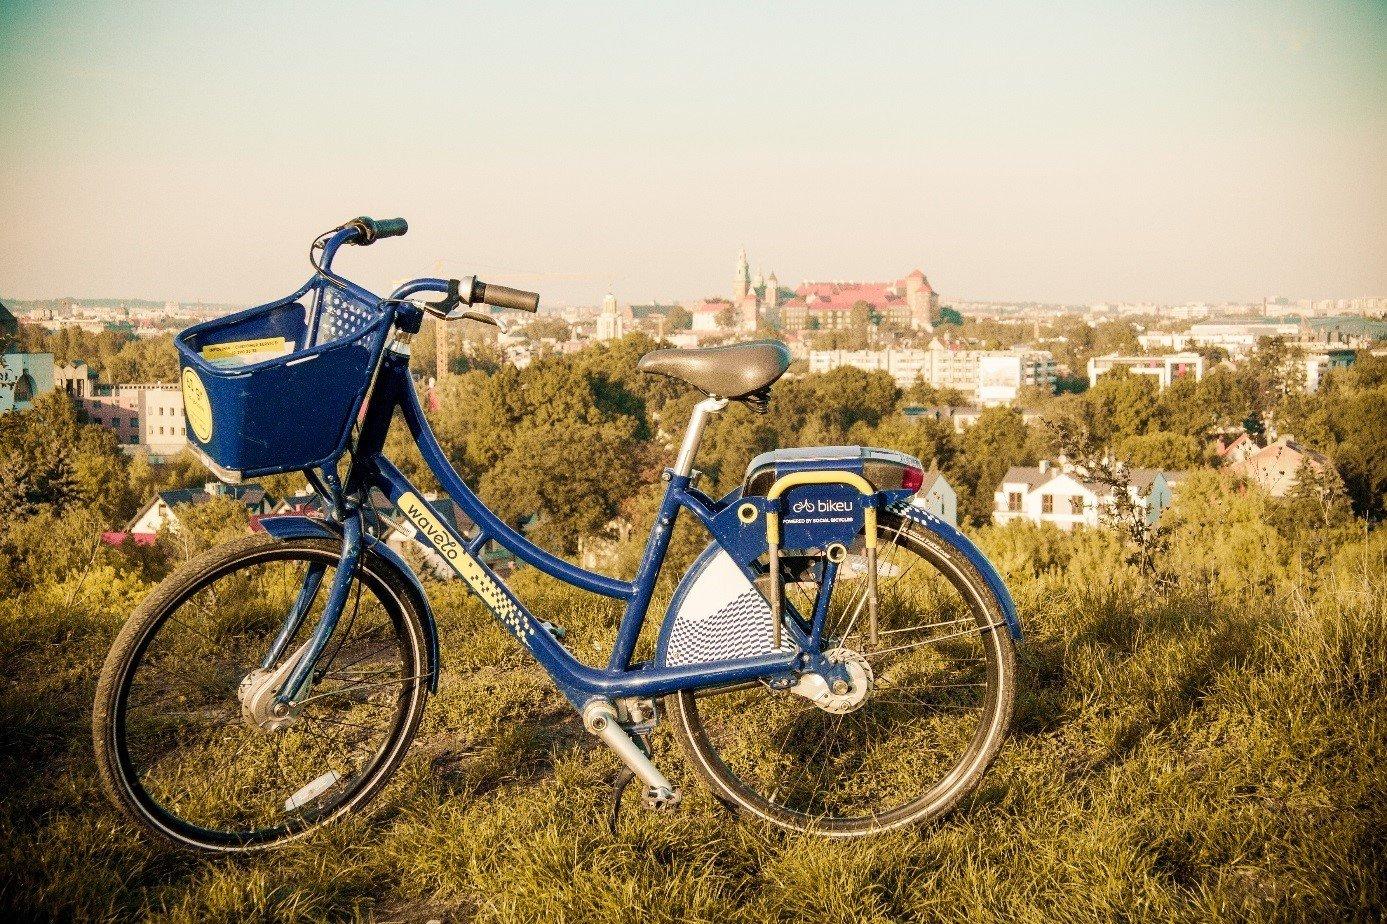 Wavelo otwiera się na turystów. Specjalna karta upraszcza wypożyczanie roweru